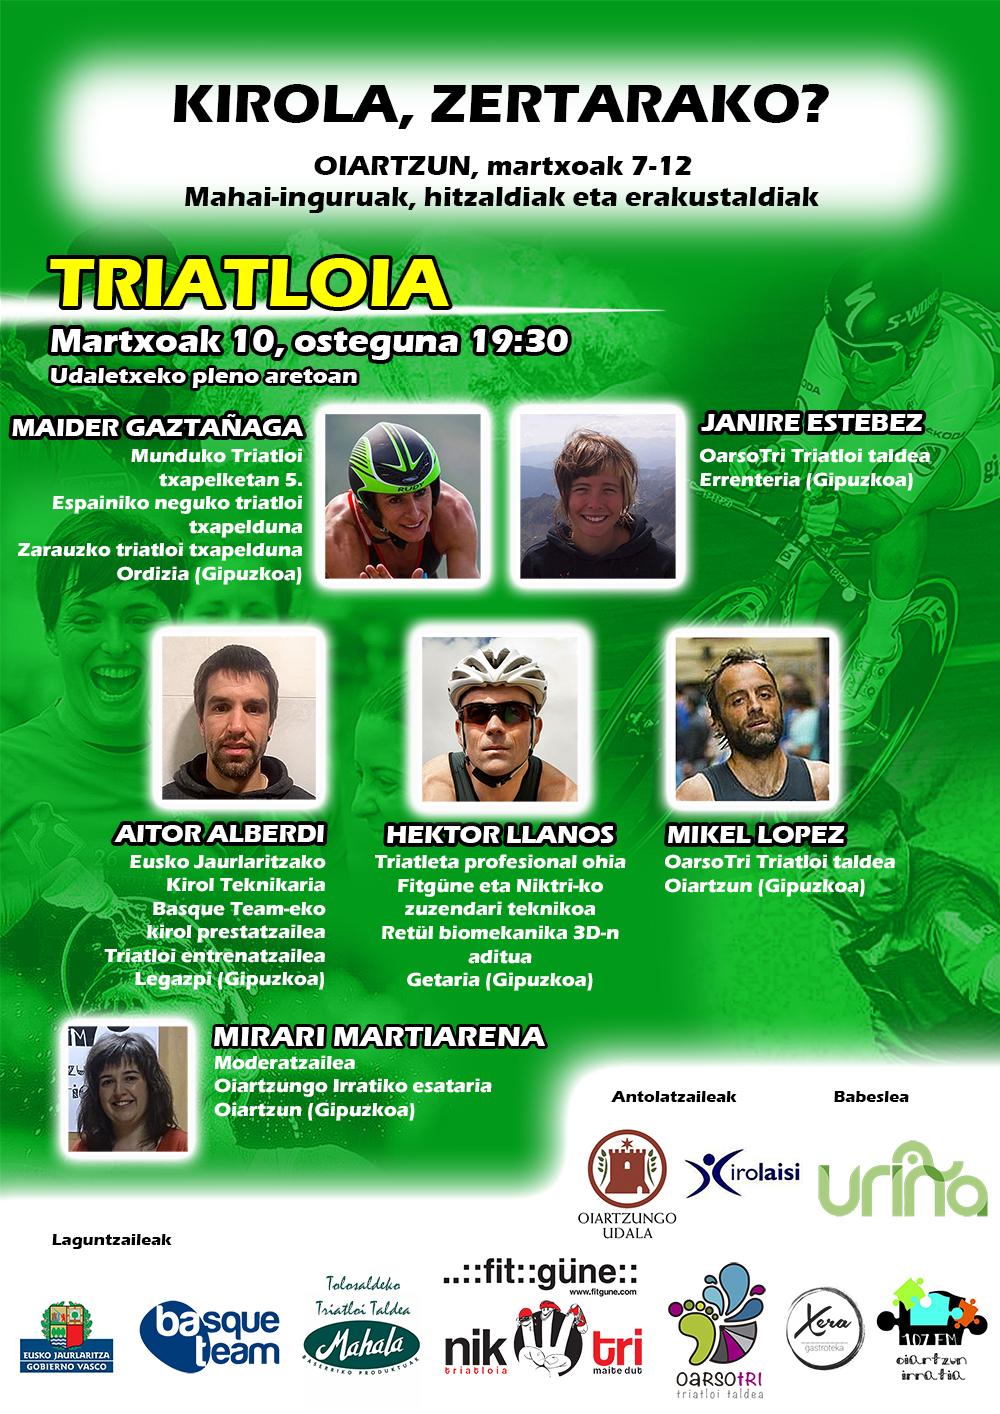 10 - TRIATLOIA KARTELA (txiki)